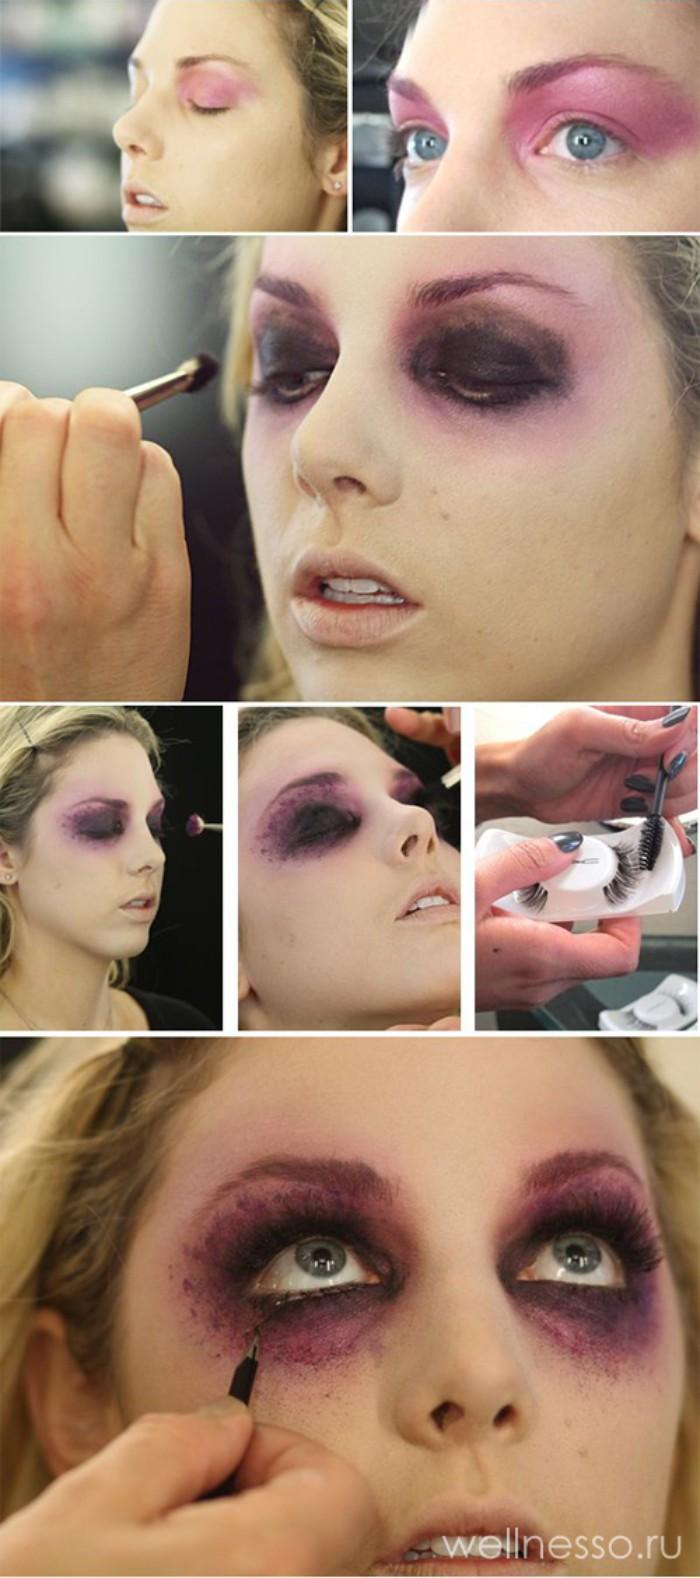 halloween schminke ideen für zombie miene, lidschatten in lila und schwarz, grüne augen, schritt für schritt anleitung